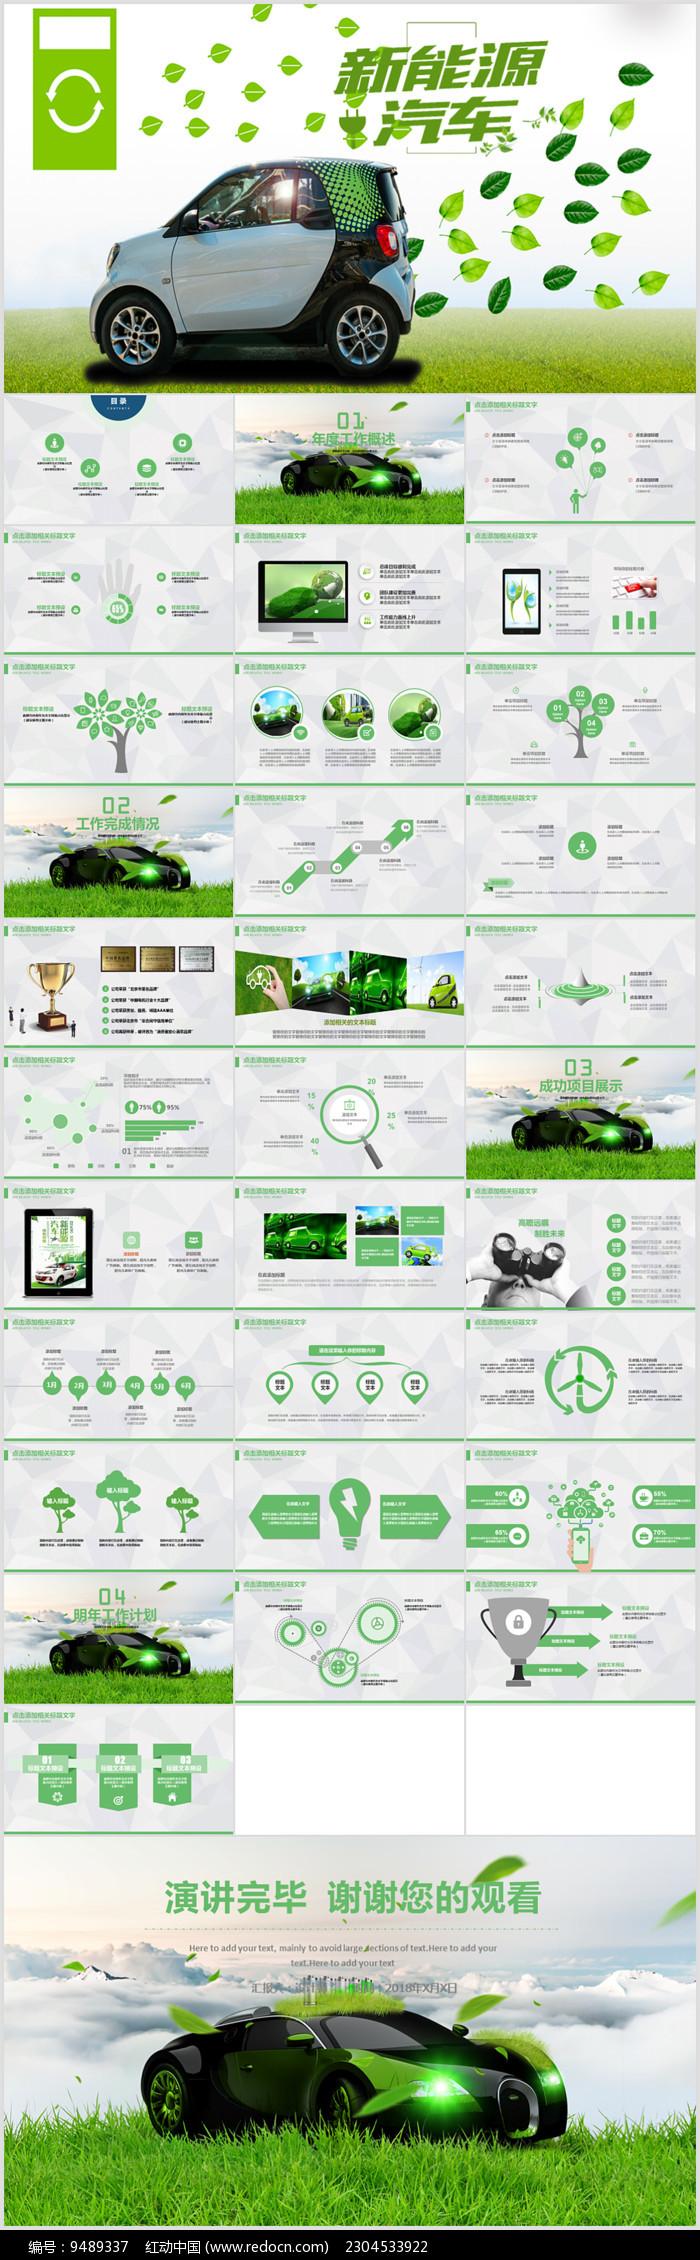 素材描述:红动网提供其他ppt精品原创素材下载,您当前访问作品主题是环保新能源汽车绿色出行PPT,编号是9489337,文件格式是pptx,建议使用PowerPoint 2013及以上版本打开文件,您下载的是一个压缩包文件,请解压后再使用设计软件打开,色彩模式是RGB,,素材大小 是21.14 MB。